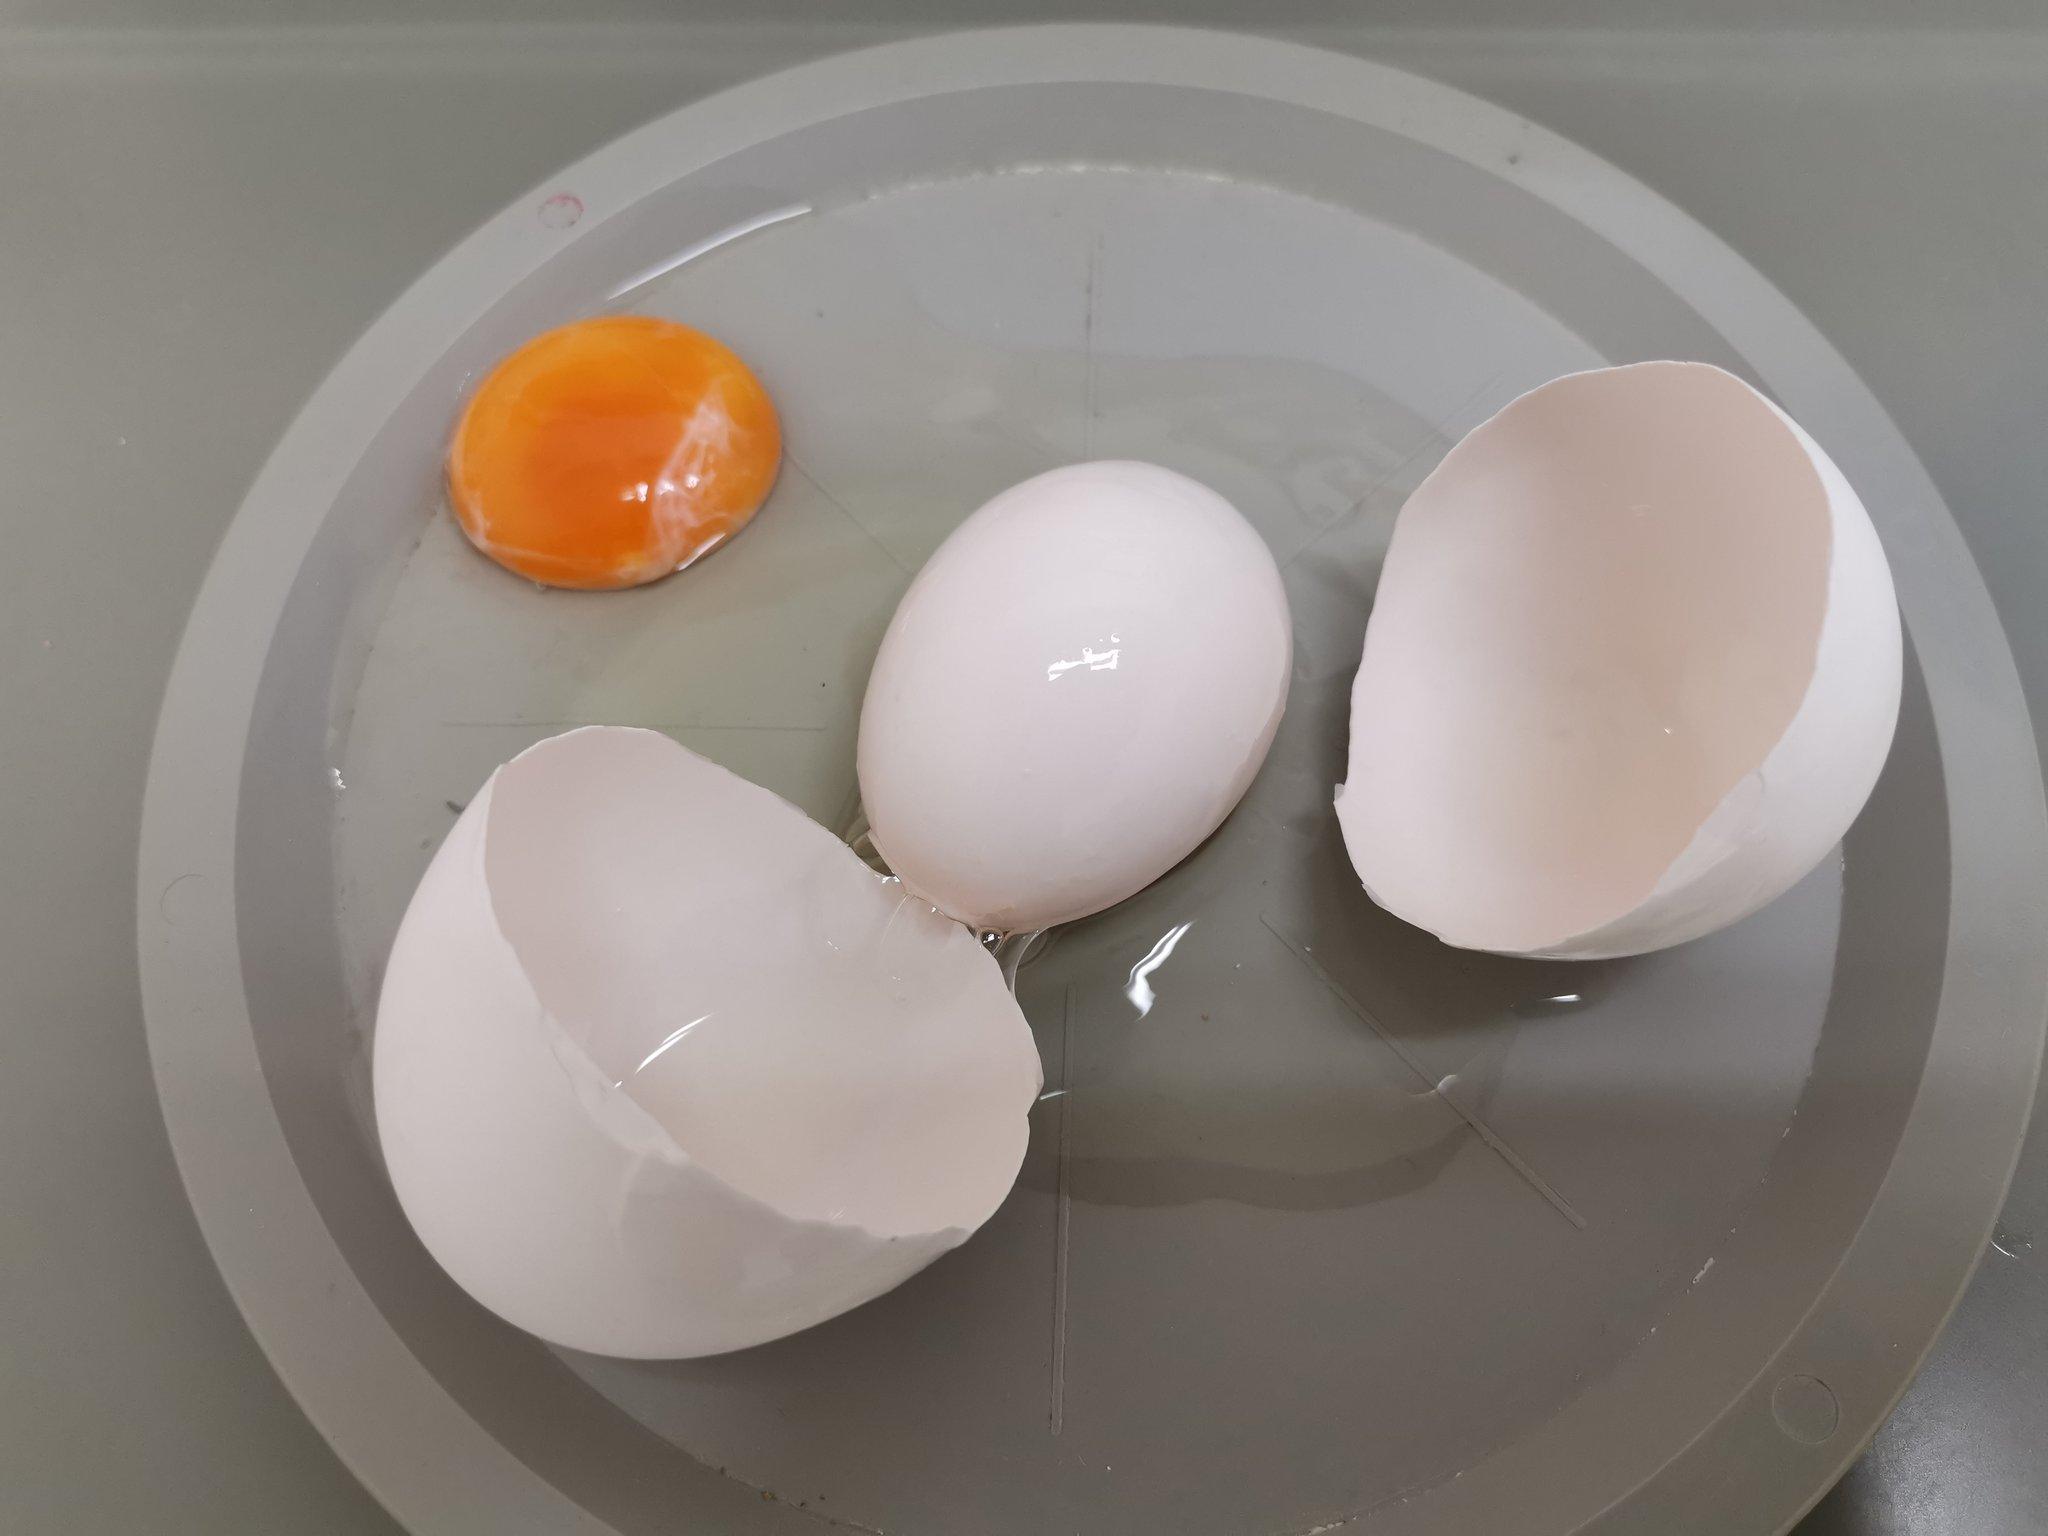 2年近く卵を割ってきましたが、ニ重卵は初めて見ました。卵の中に卵がある(産卵できず、卵の周りに更に卵が形成された状態)。不適合卵ですので市場には流通しません、因みに154gありました。